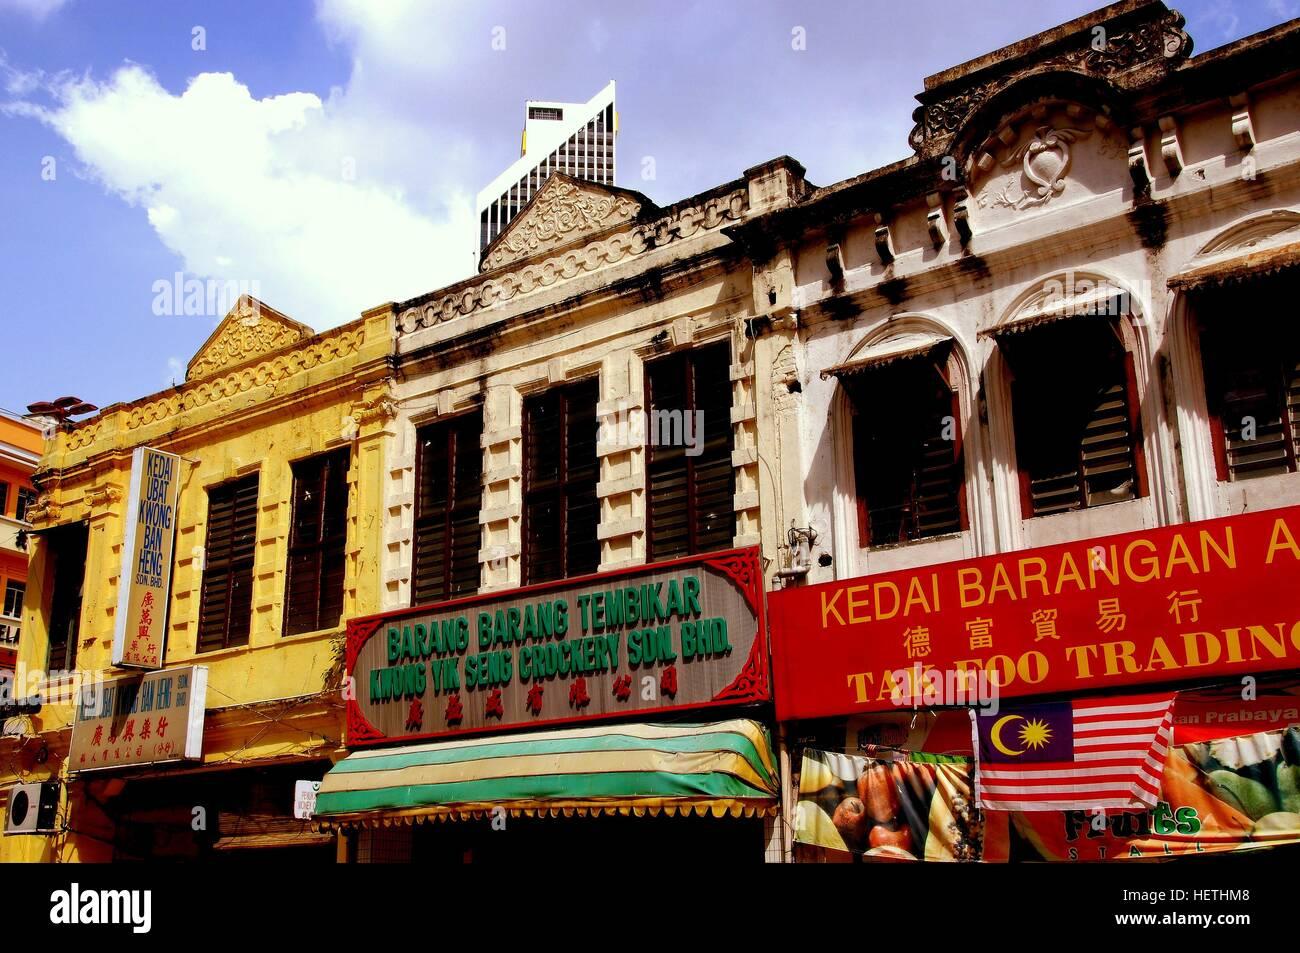 Kuala Lumpur Malaysia December 23 2007 Classic